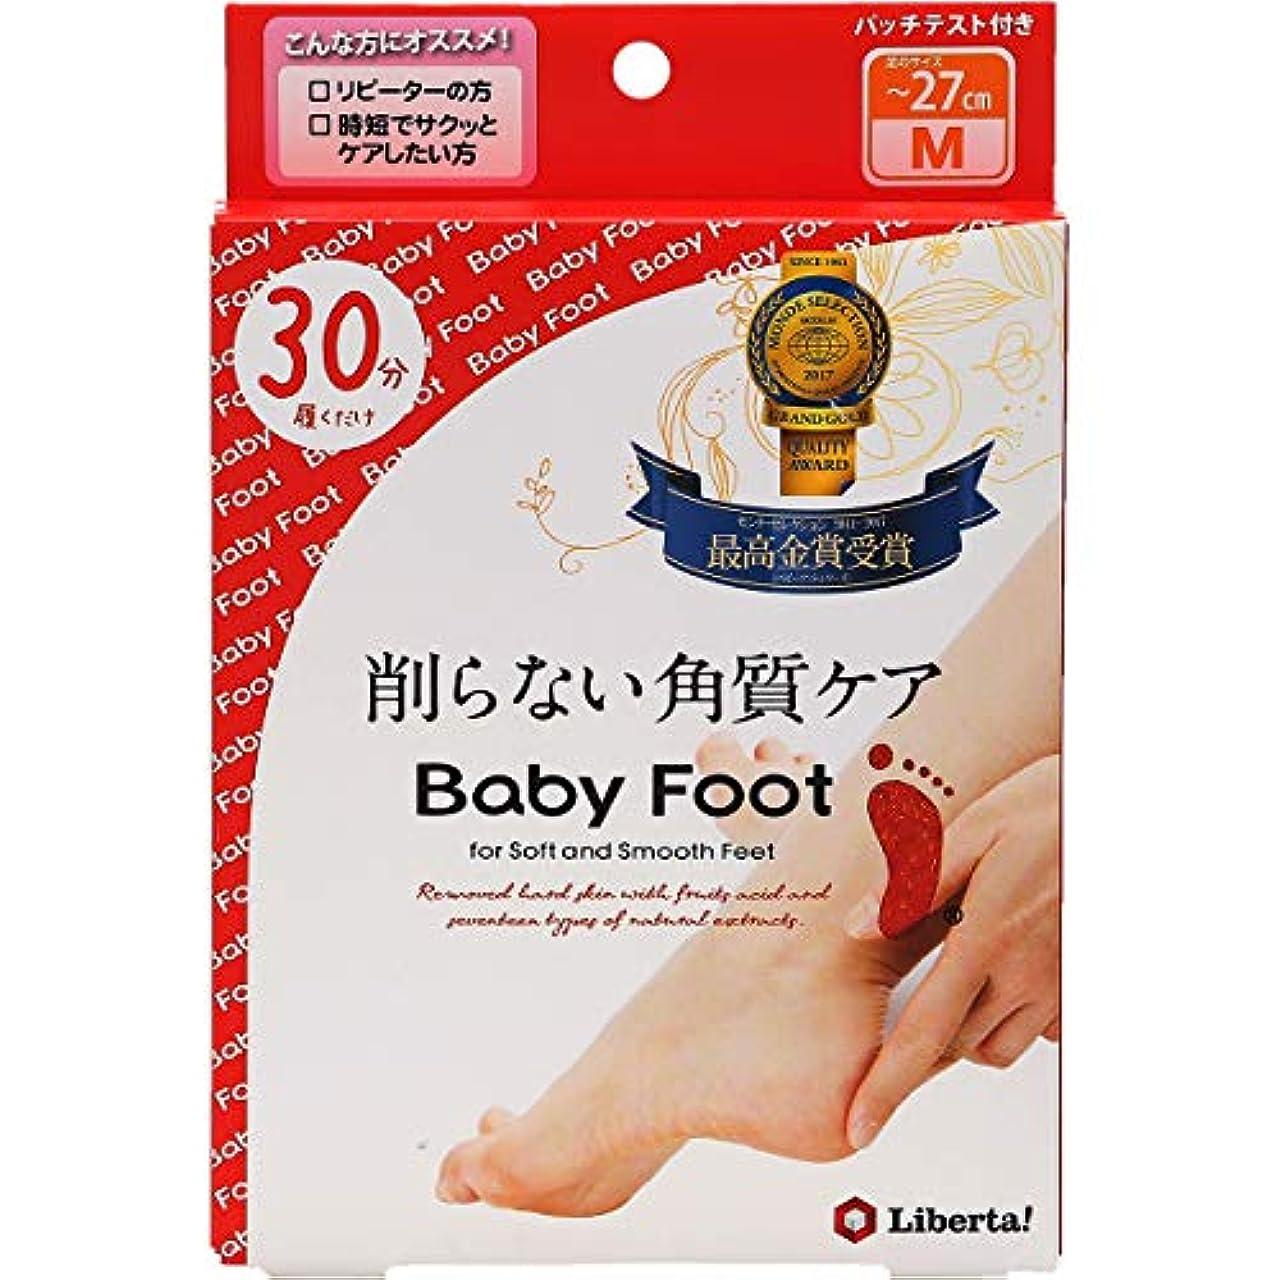 怠な縞模様のラフトベビーフット (Baby Foot) ベビーフット イージーパック30分タイプ Mサイズ 単品